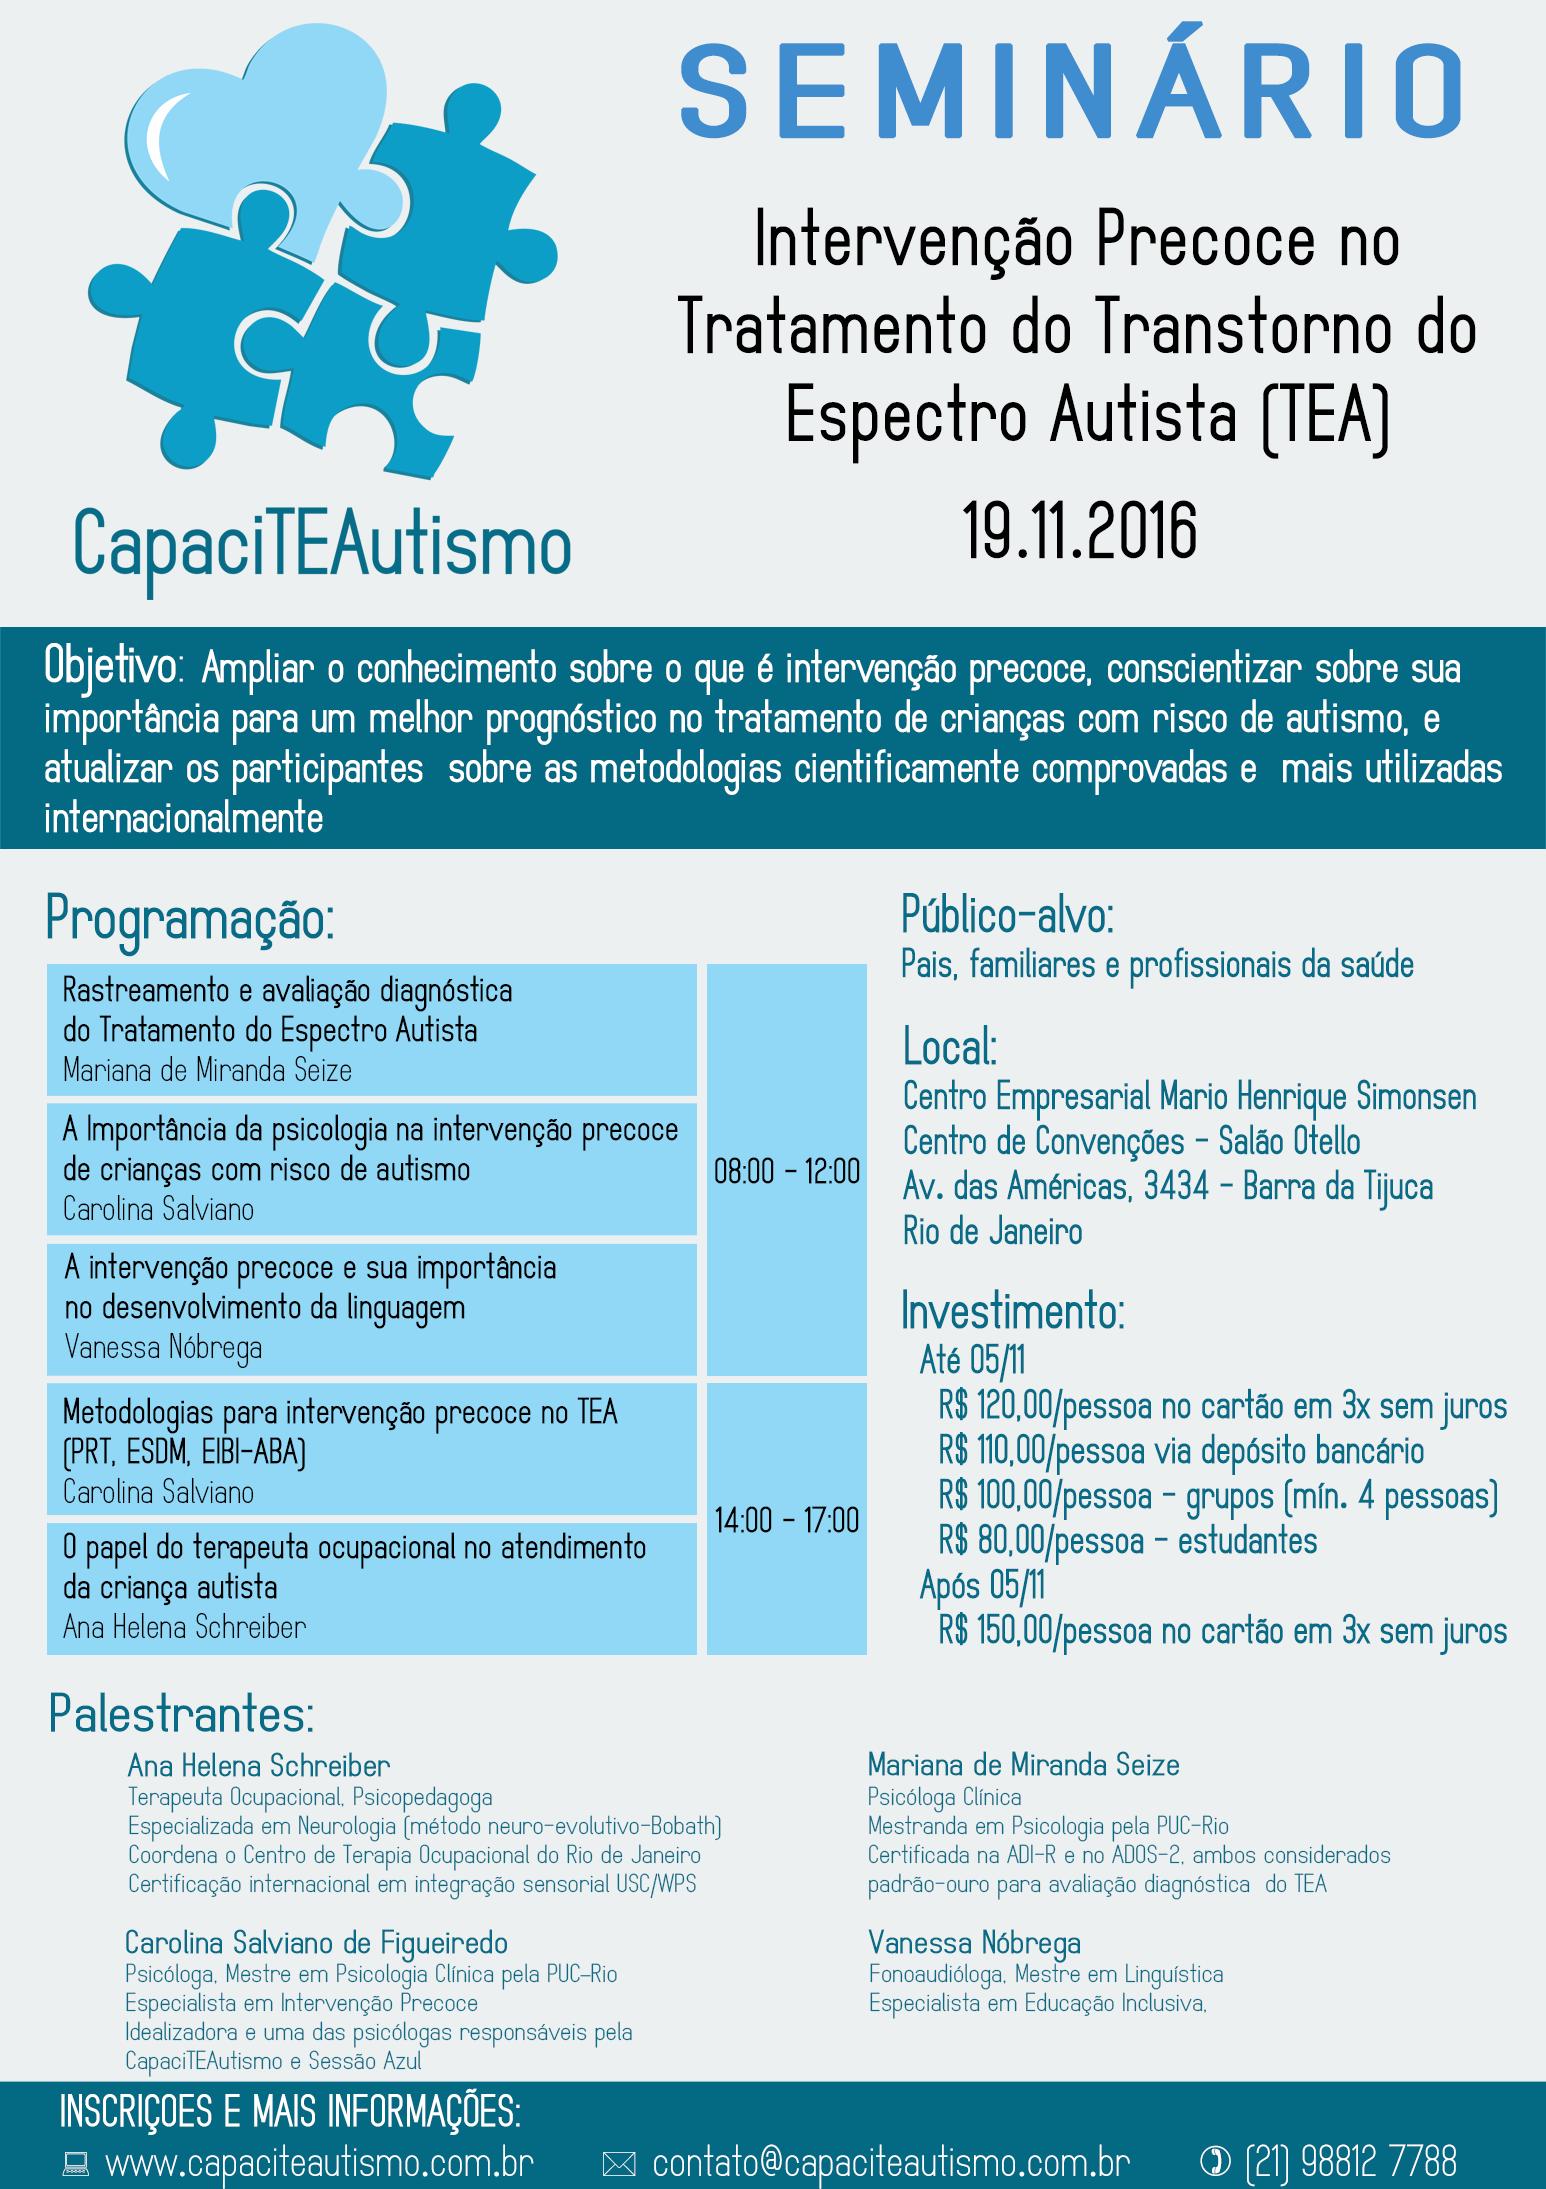 Intervenção Precoce no Tratamento do Transtorno do Espectro Autista (TEA)